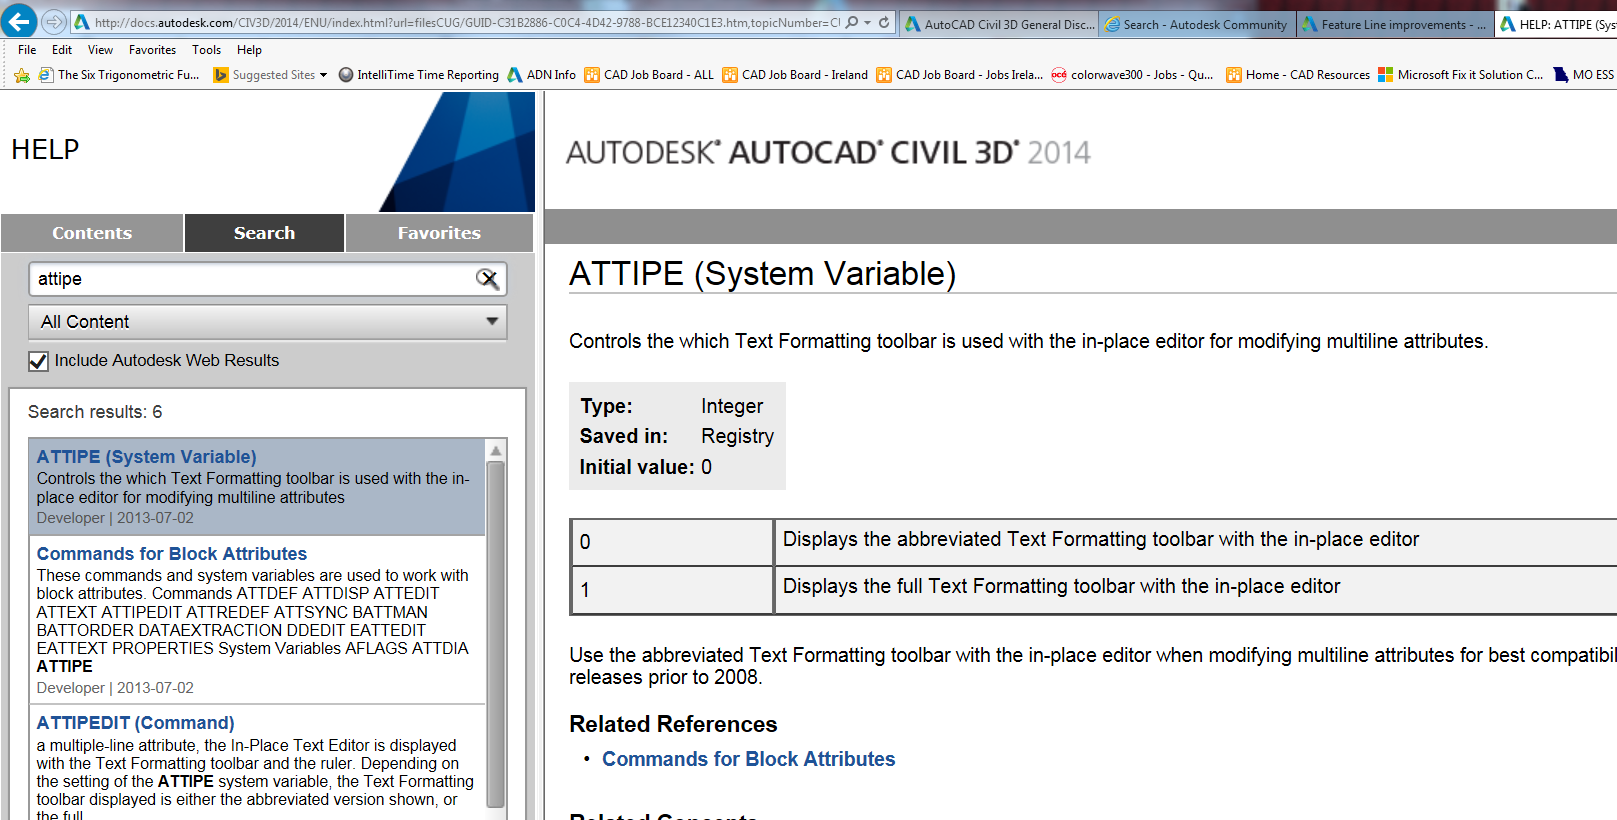 System Variables - Autodesk Community- Civil 3D